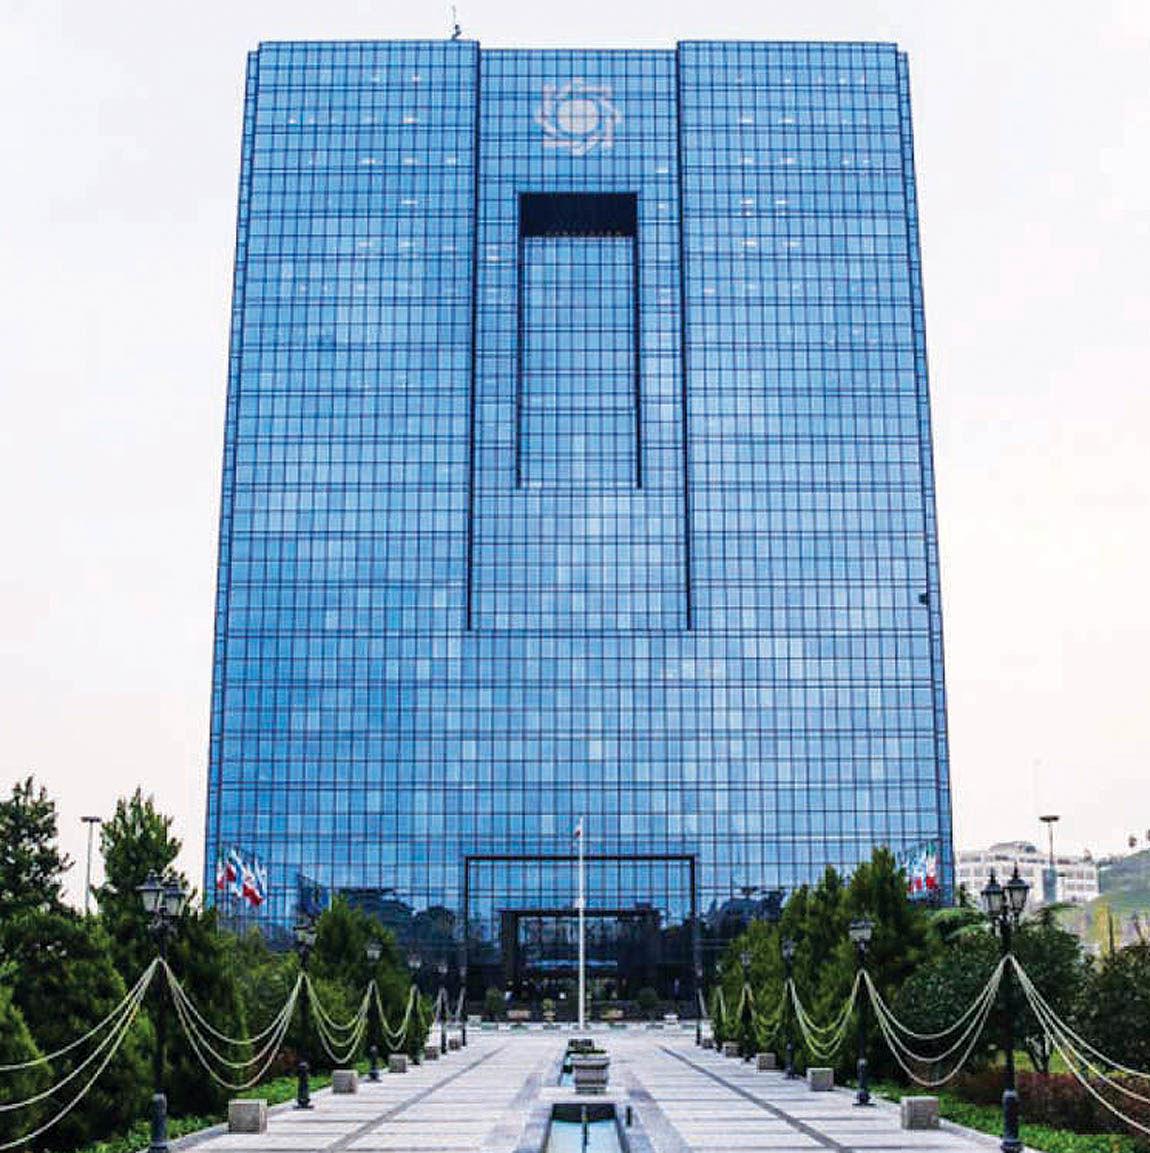 بانکها و مؤسسات دارای مجوز از بانک مرکزی